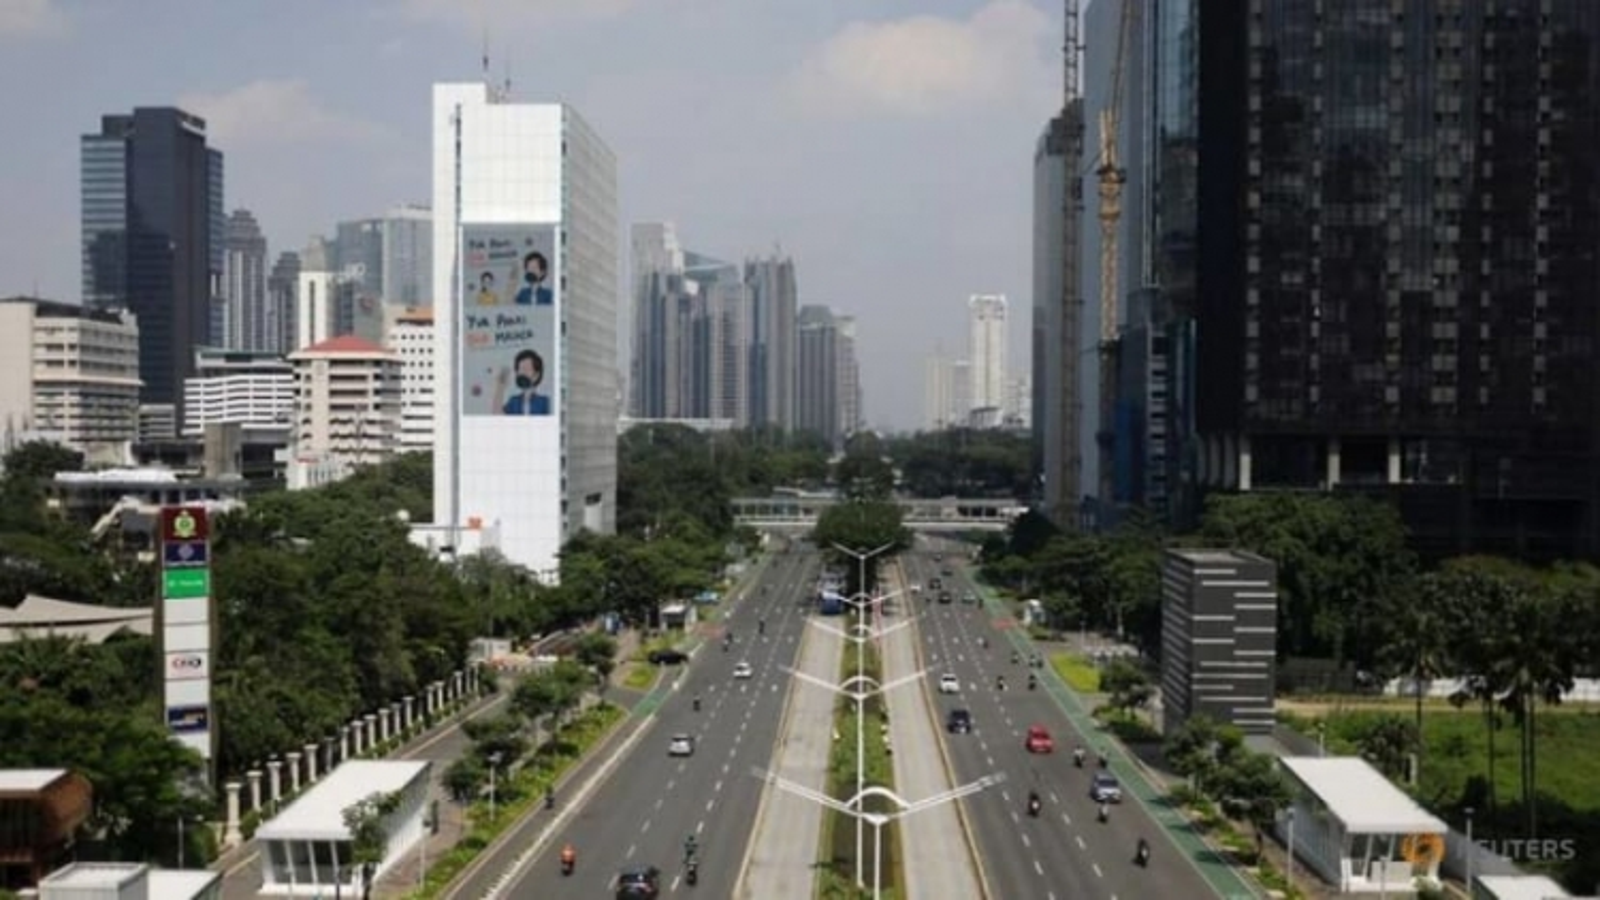 """Yêu cầu nhân viên đi làm, các văn phòng ở Indonesia chơi """"mèo đuổi chuột"""" giữa đại dịch"""